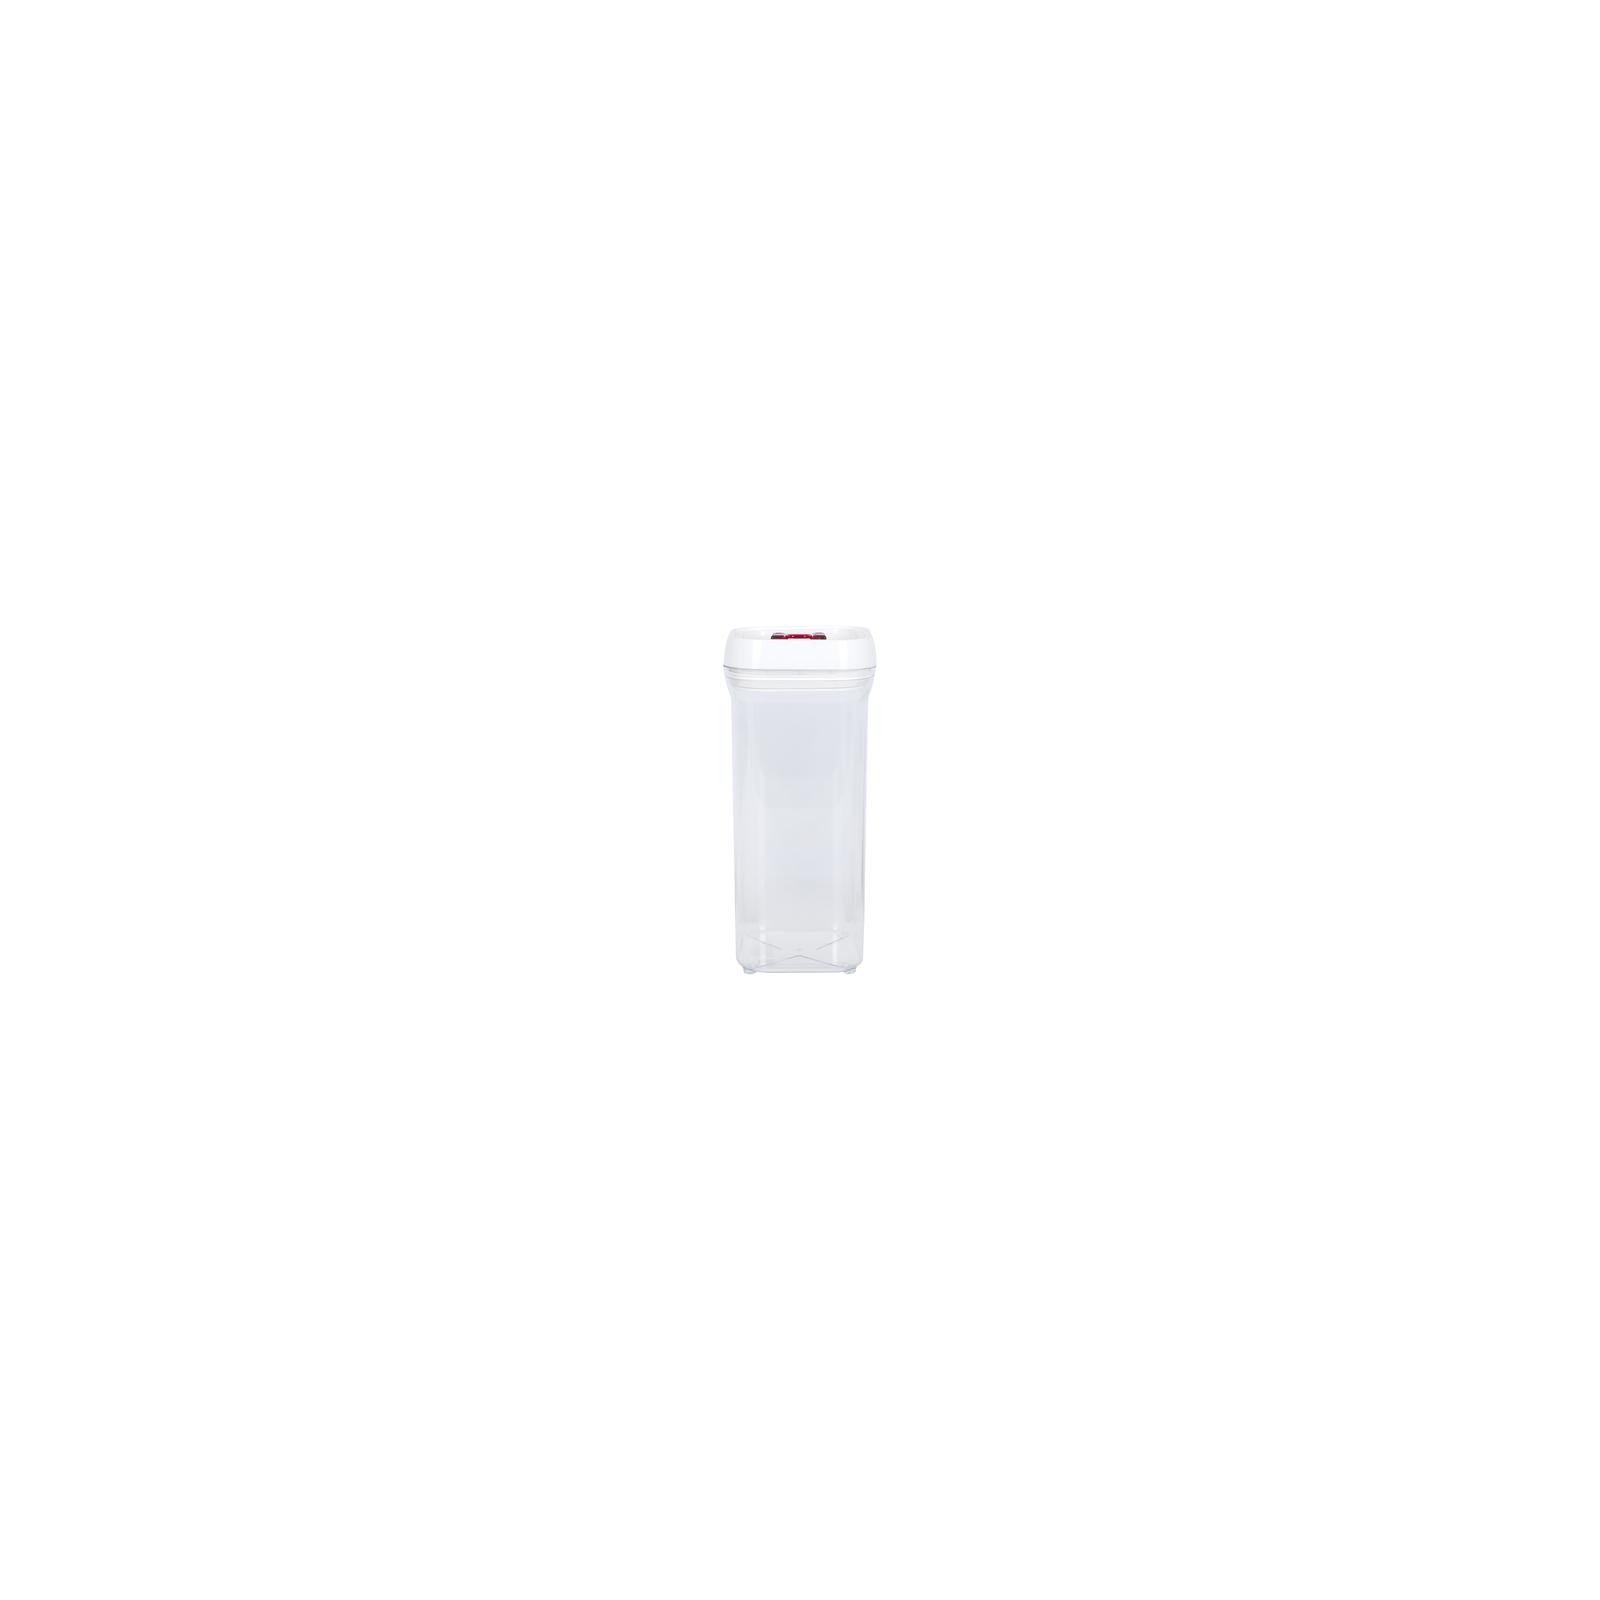 Пищевой контейнер Herevin Red 1.5 л (161203-001) изображение 3